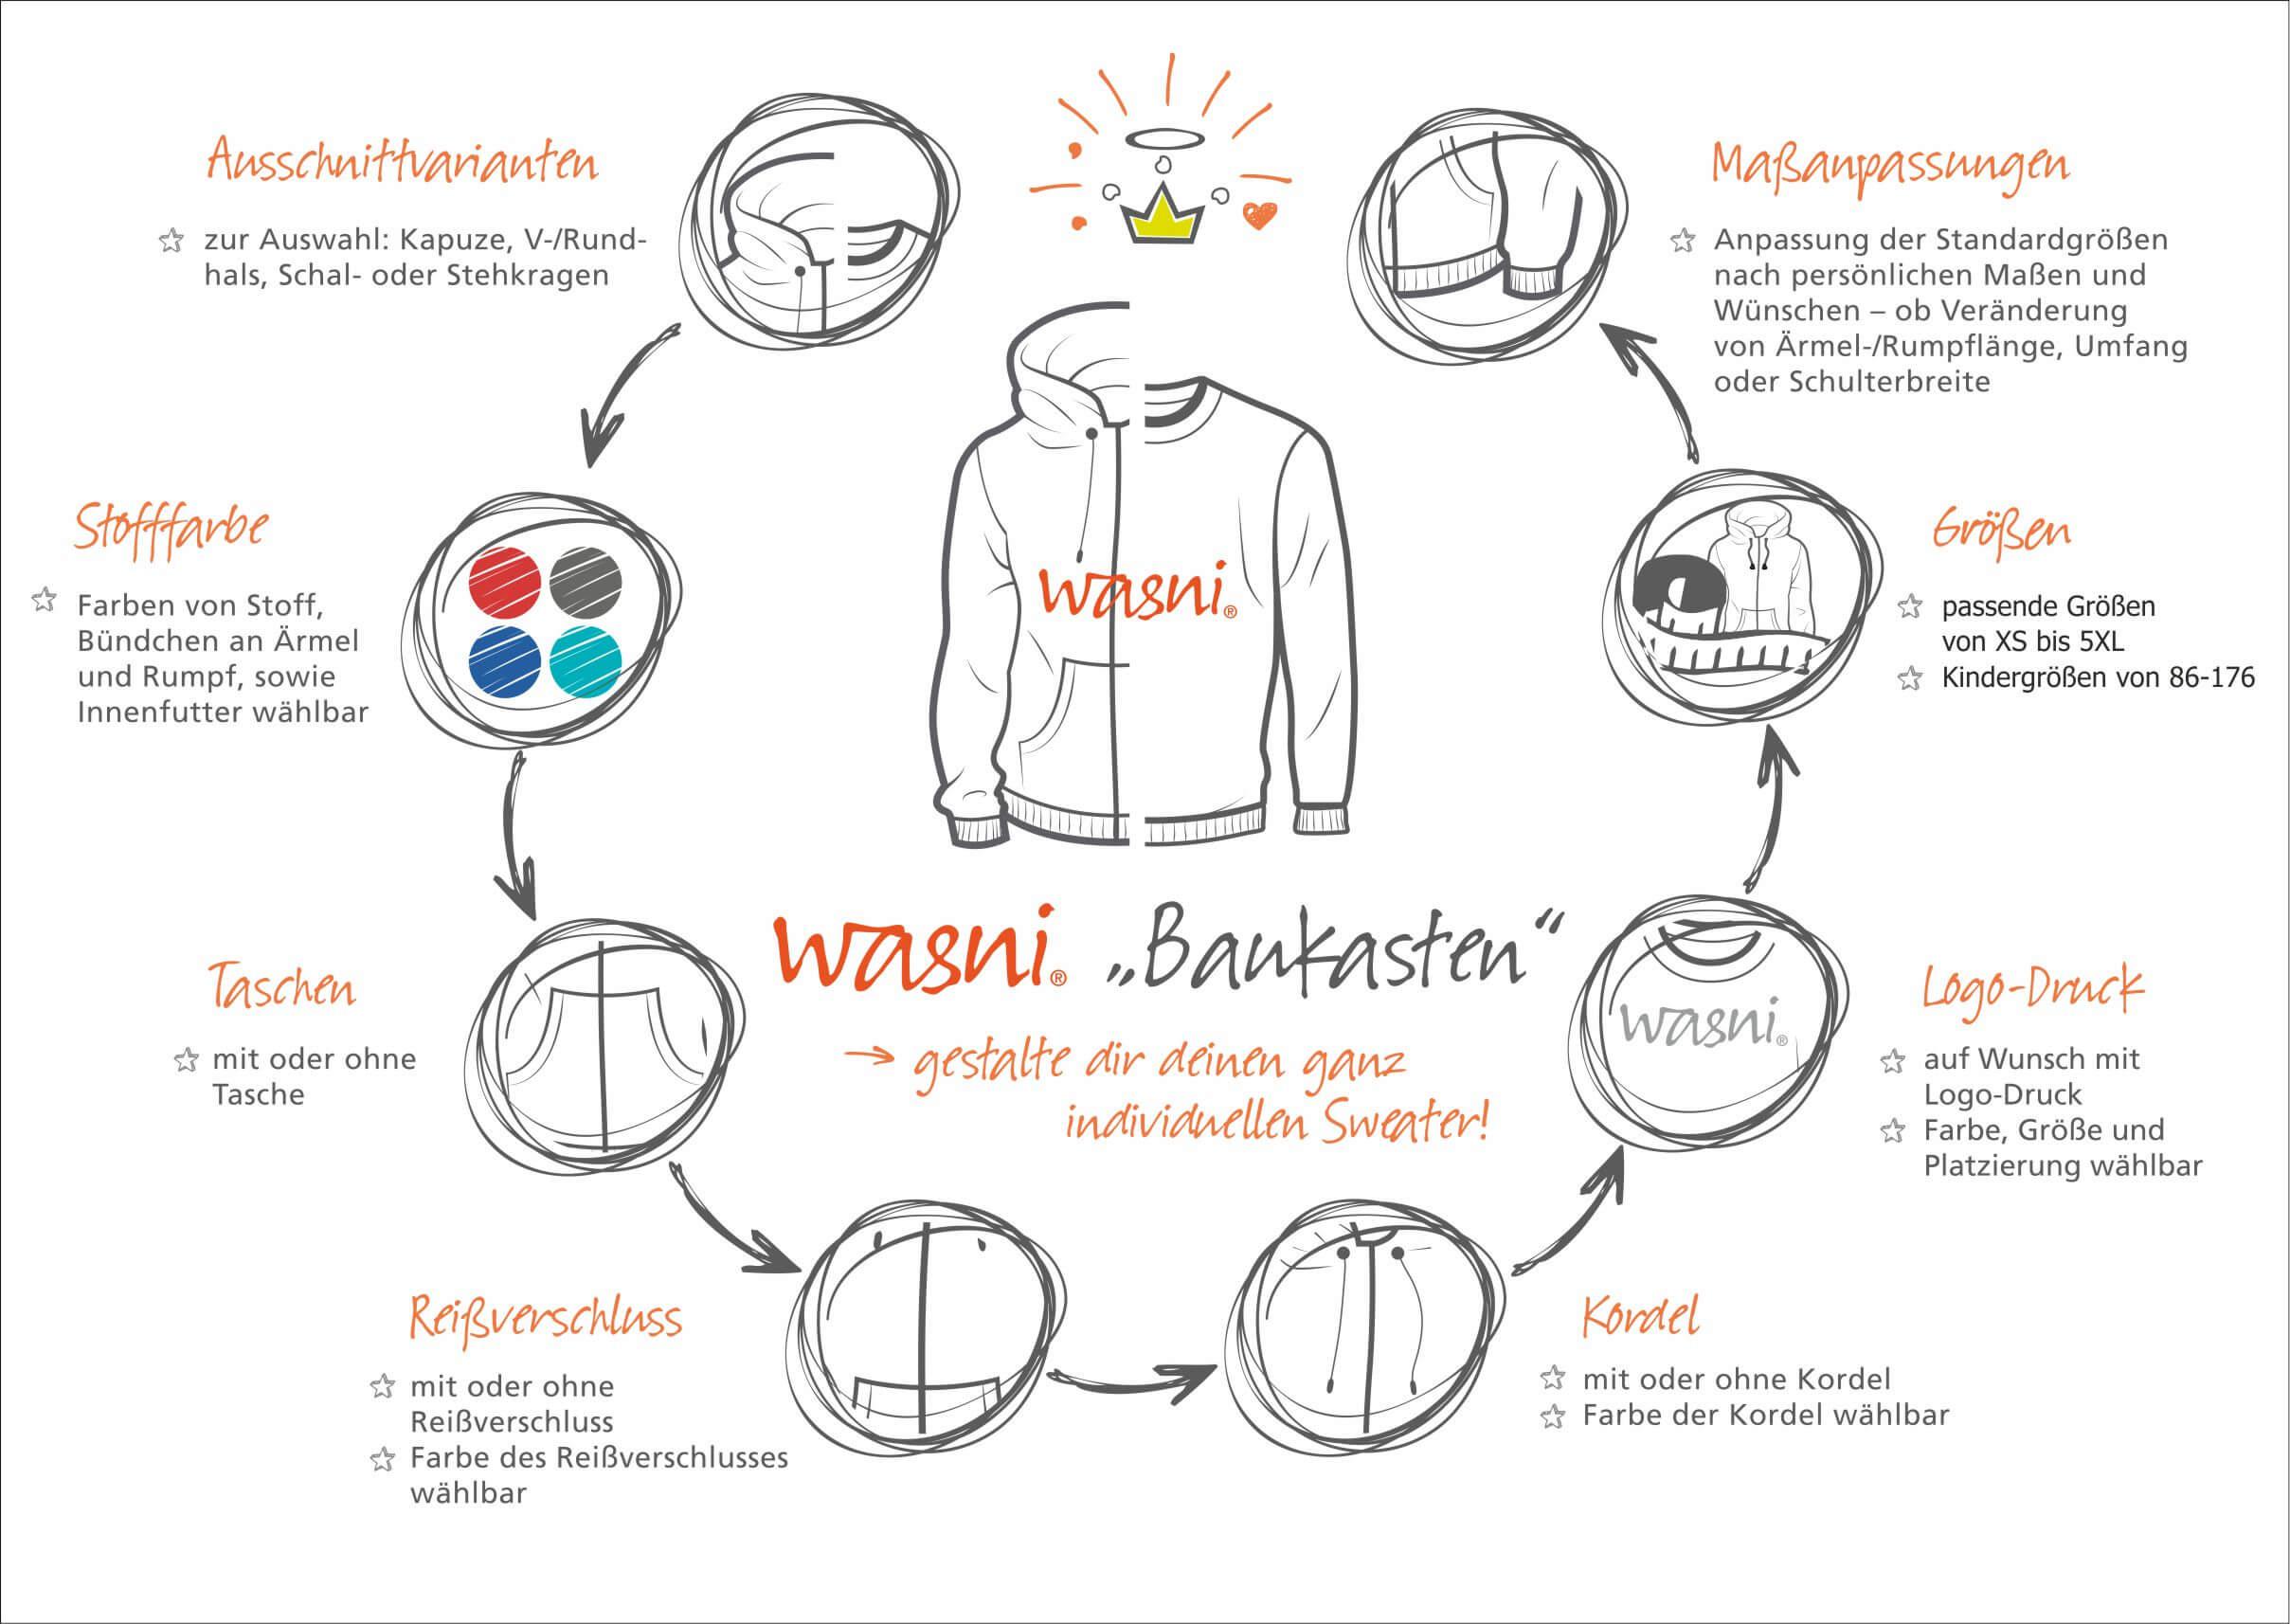 wasni-baukasten: gestalte Hoodies Sweater Pullover nach deinen Wünschen aus Bio-Textilien